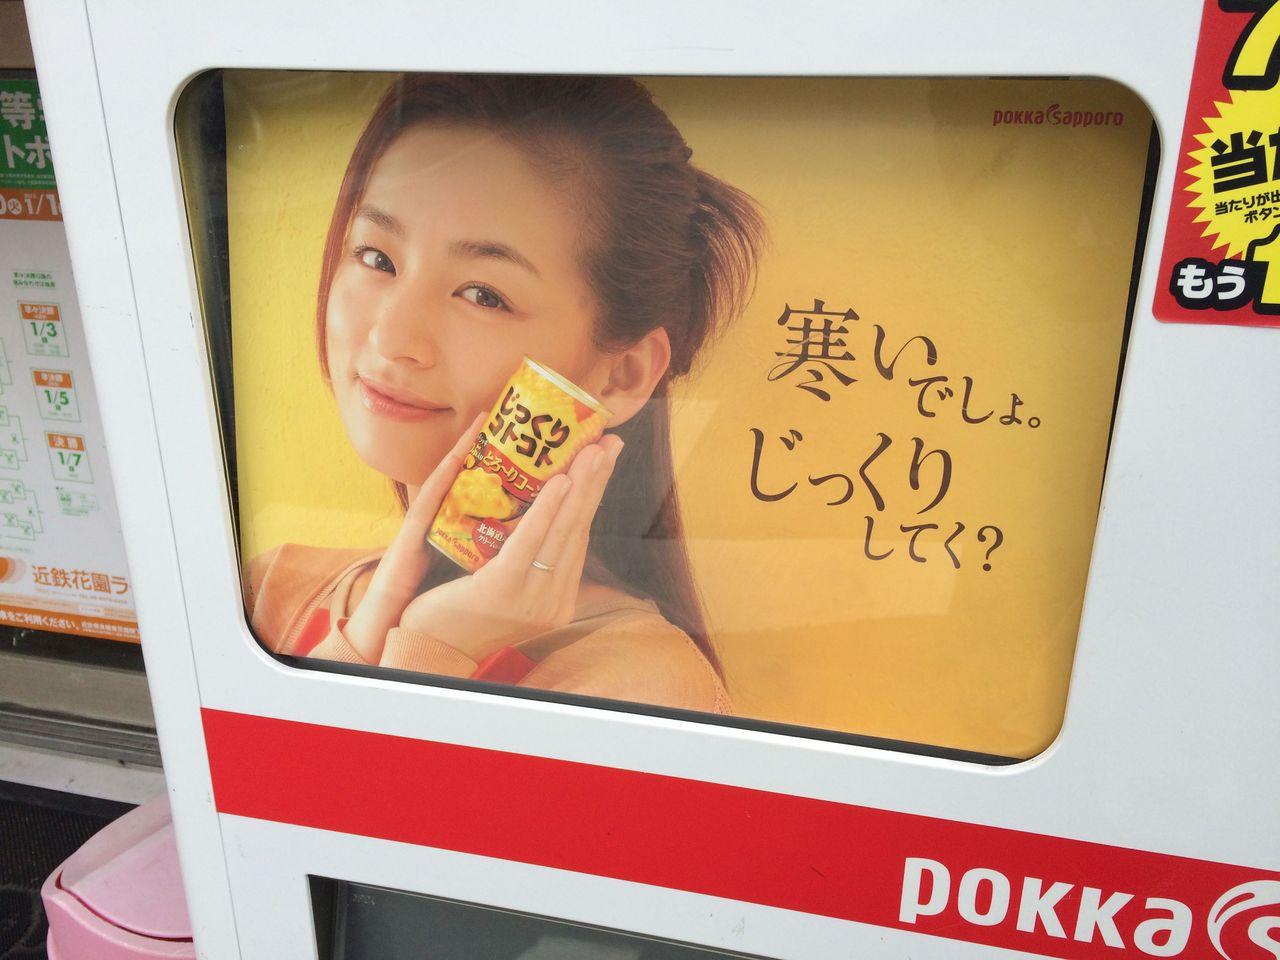 尾野真千子@ポッカサッポロ自動販売機広告-1